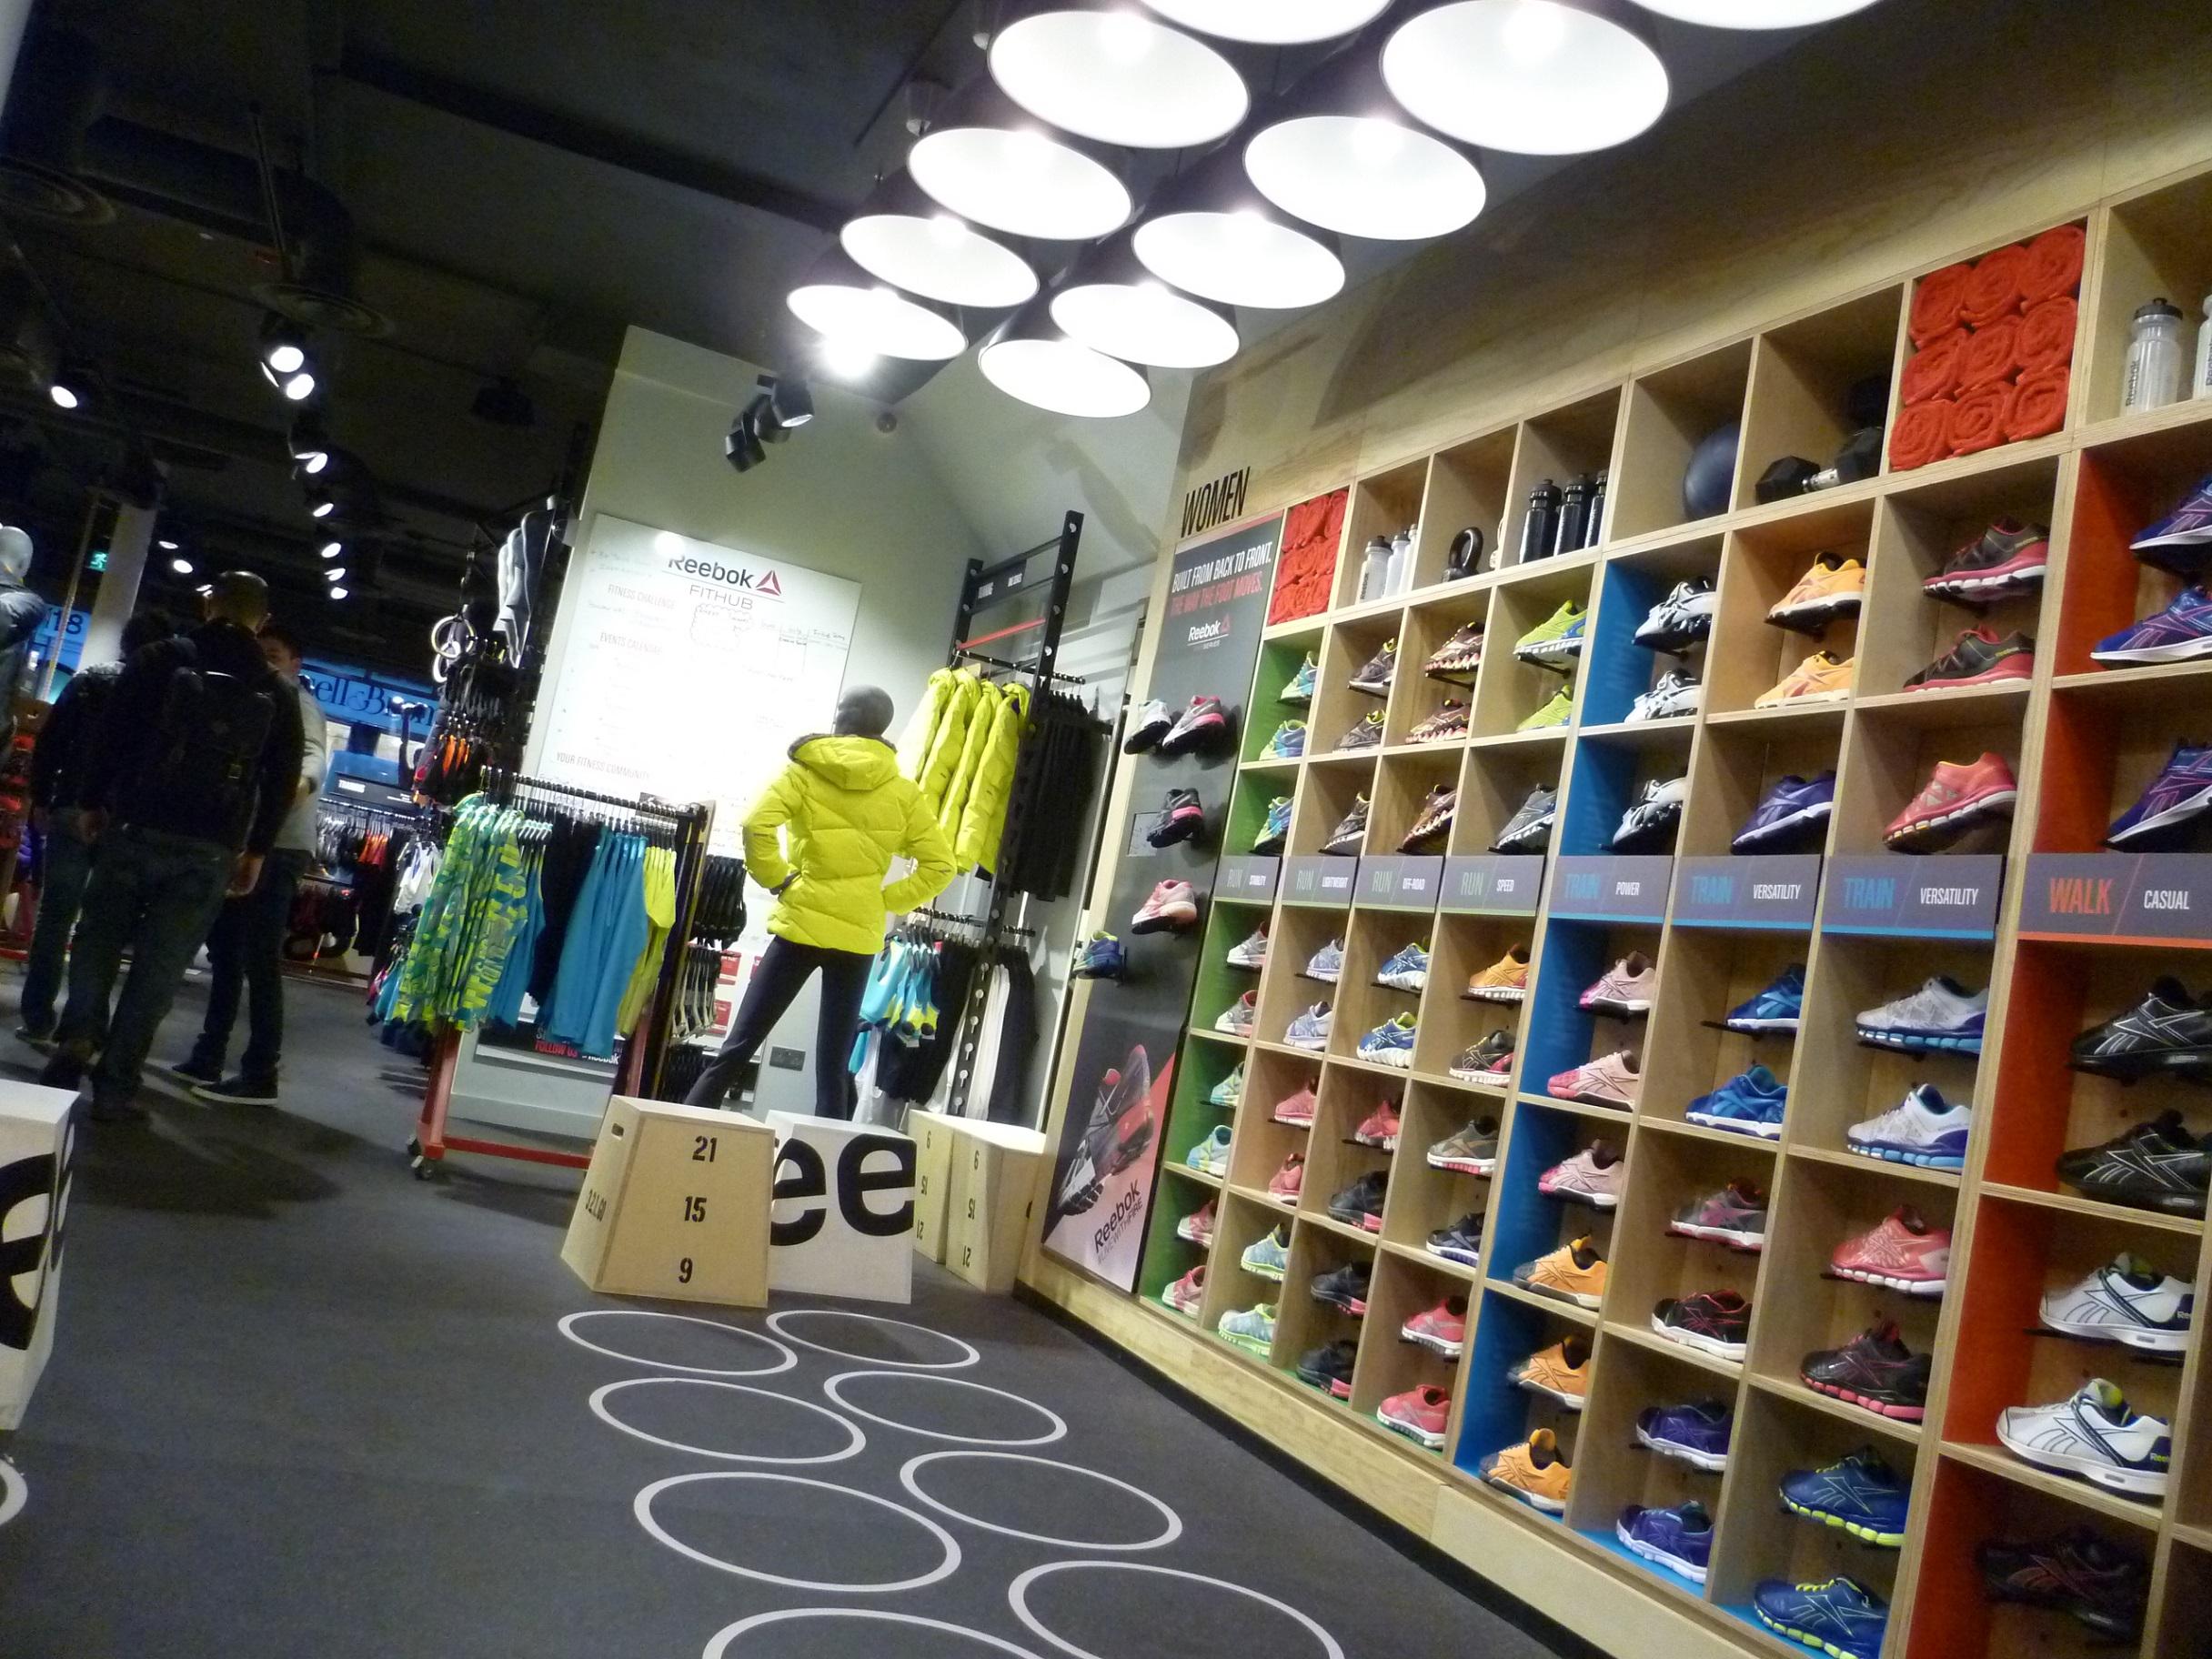 Reebok footwear wall